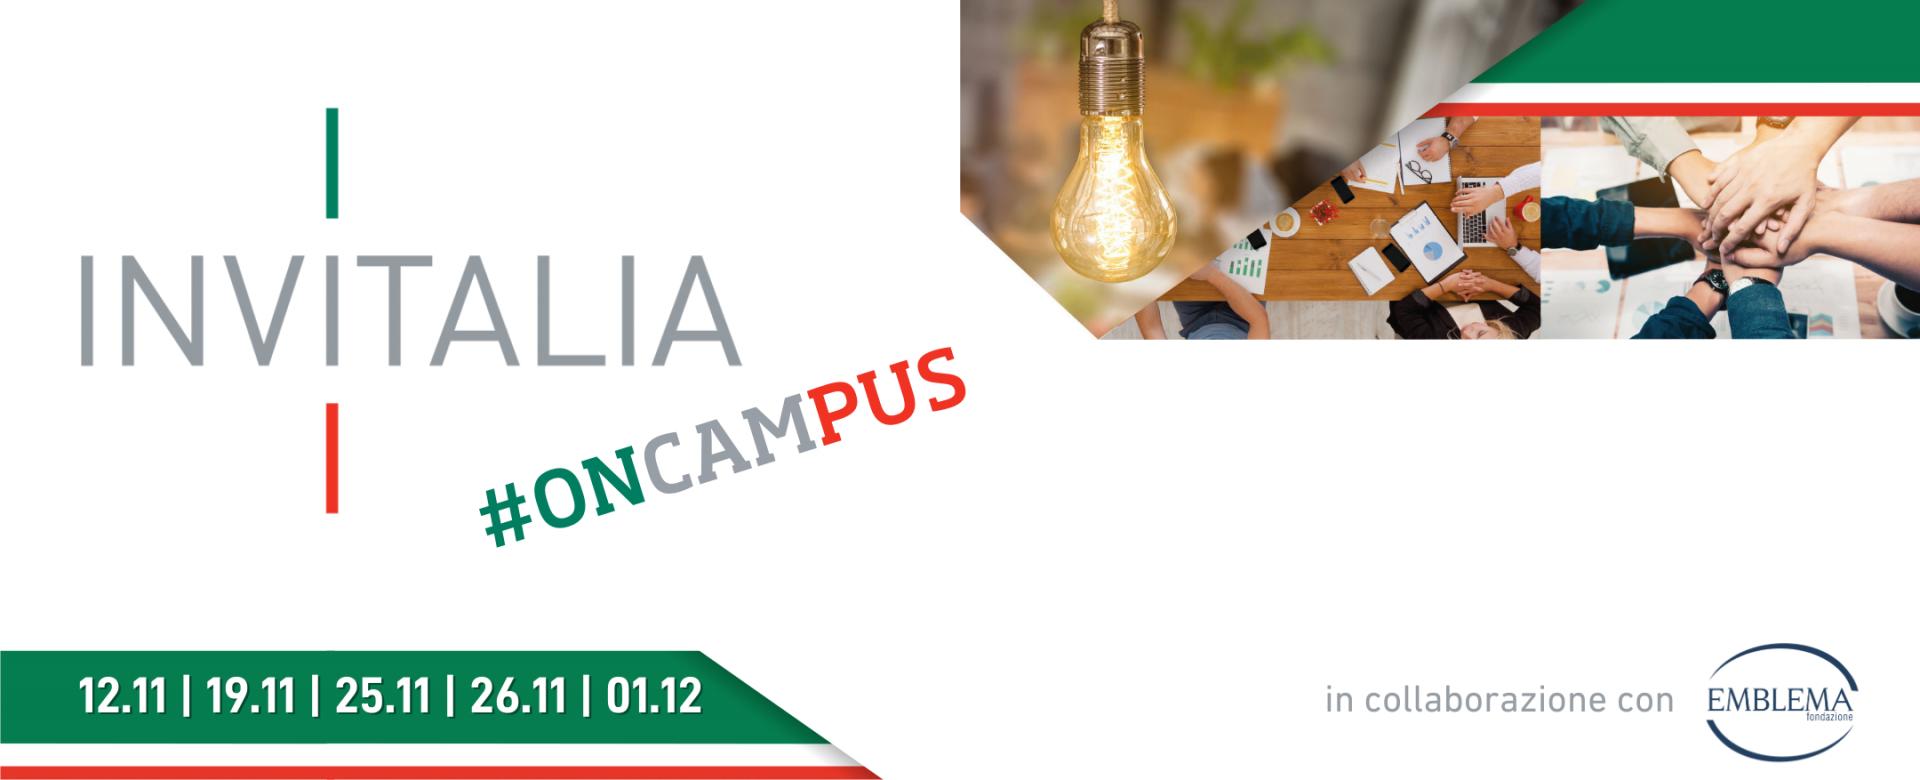 22.10.2020 - Invitalia #oncampus: aperte le iscrizioni agli incontri di novembre e dicembre